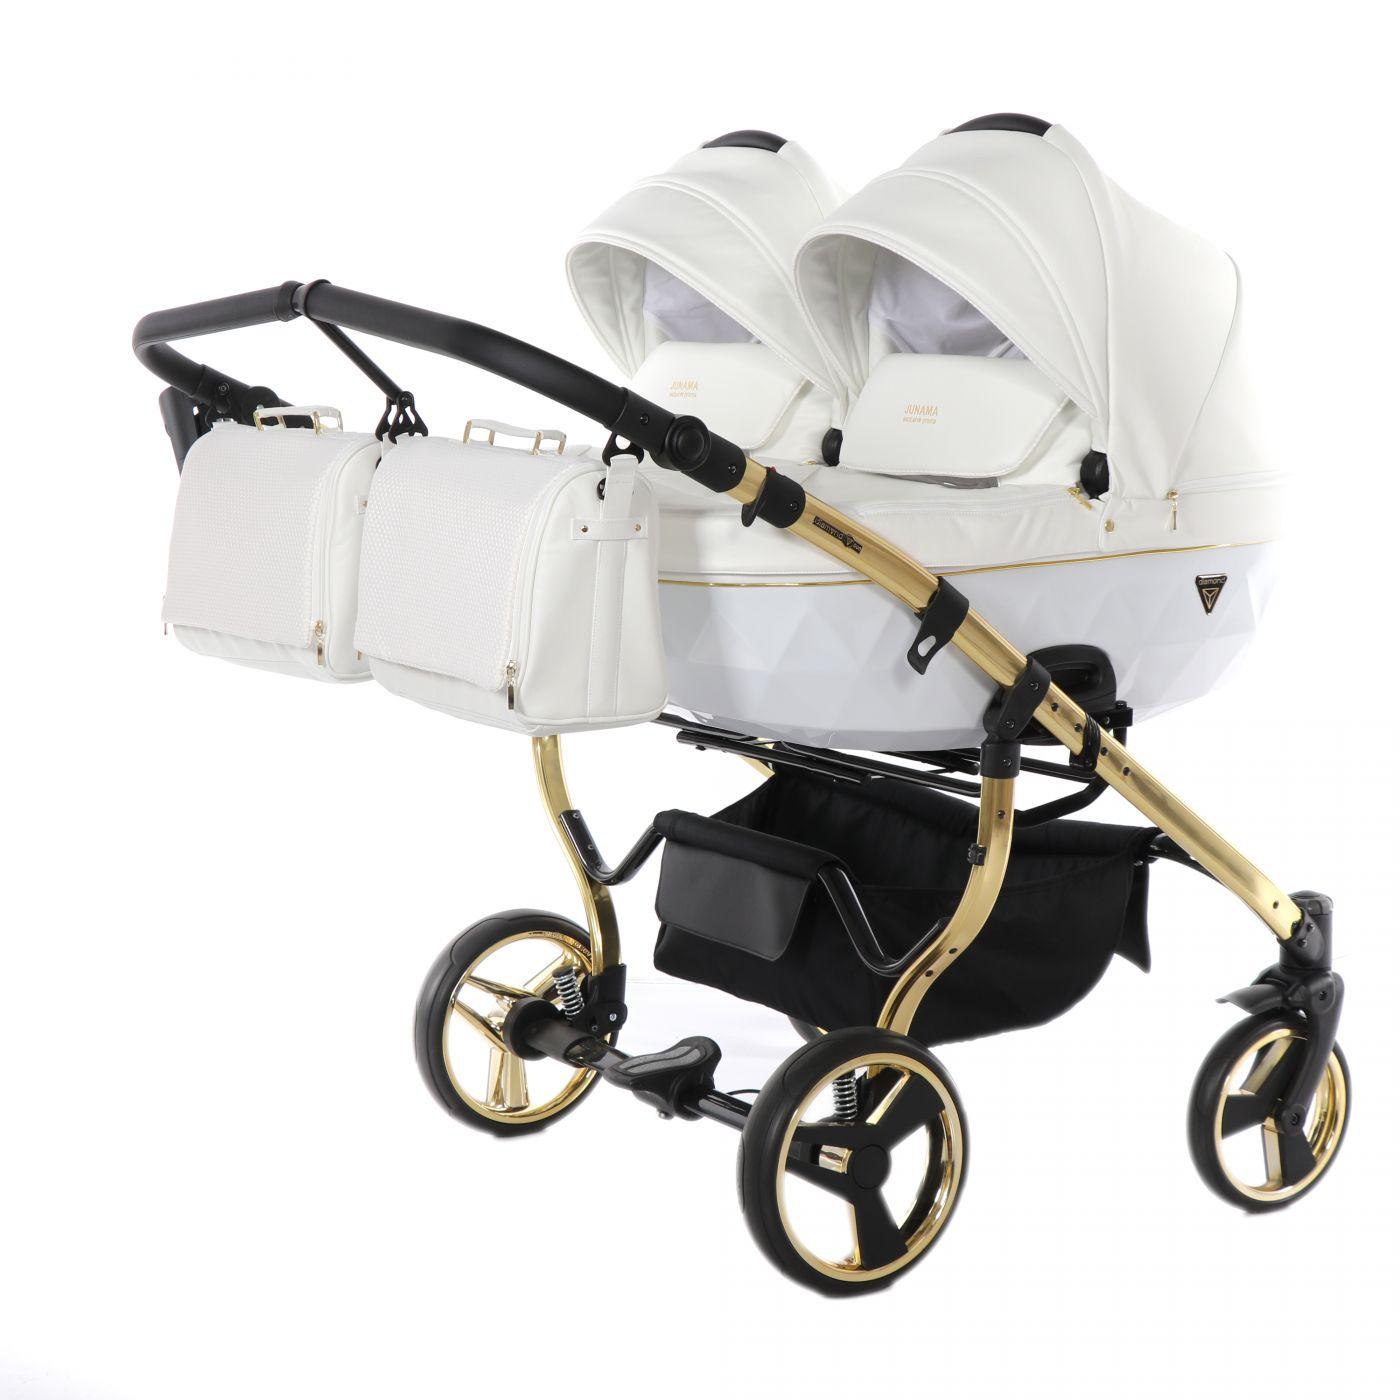 Junama Diamond Individual DUO JDI-04, белый/золотая рама - коляска детская для двойни 2в1